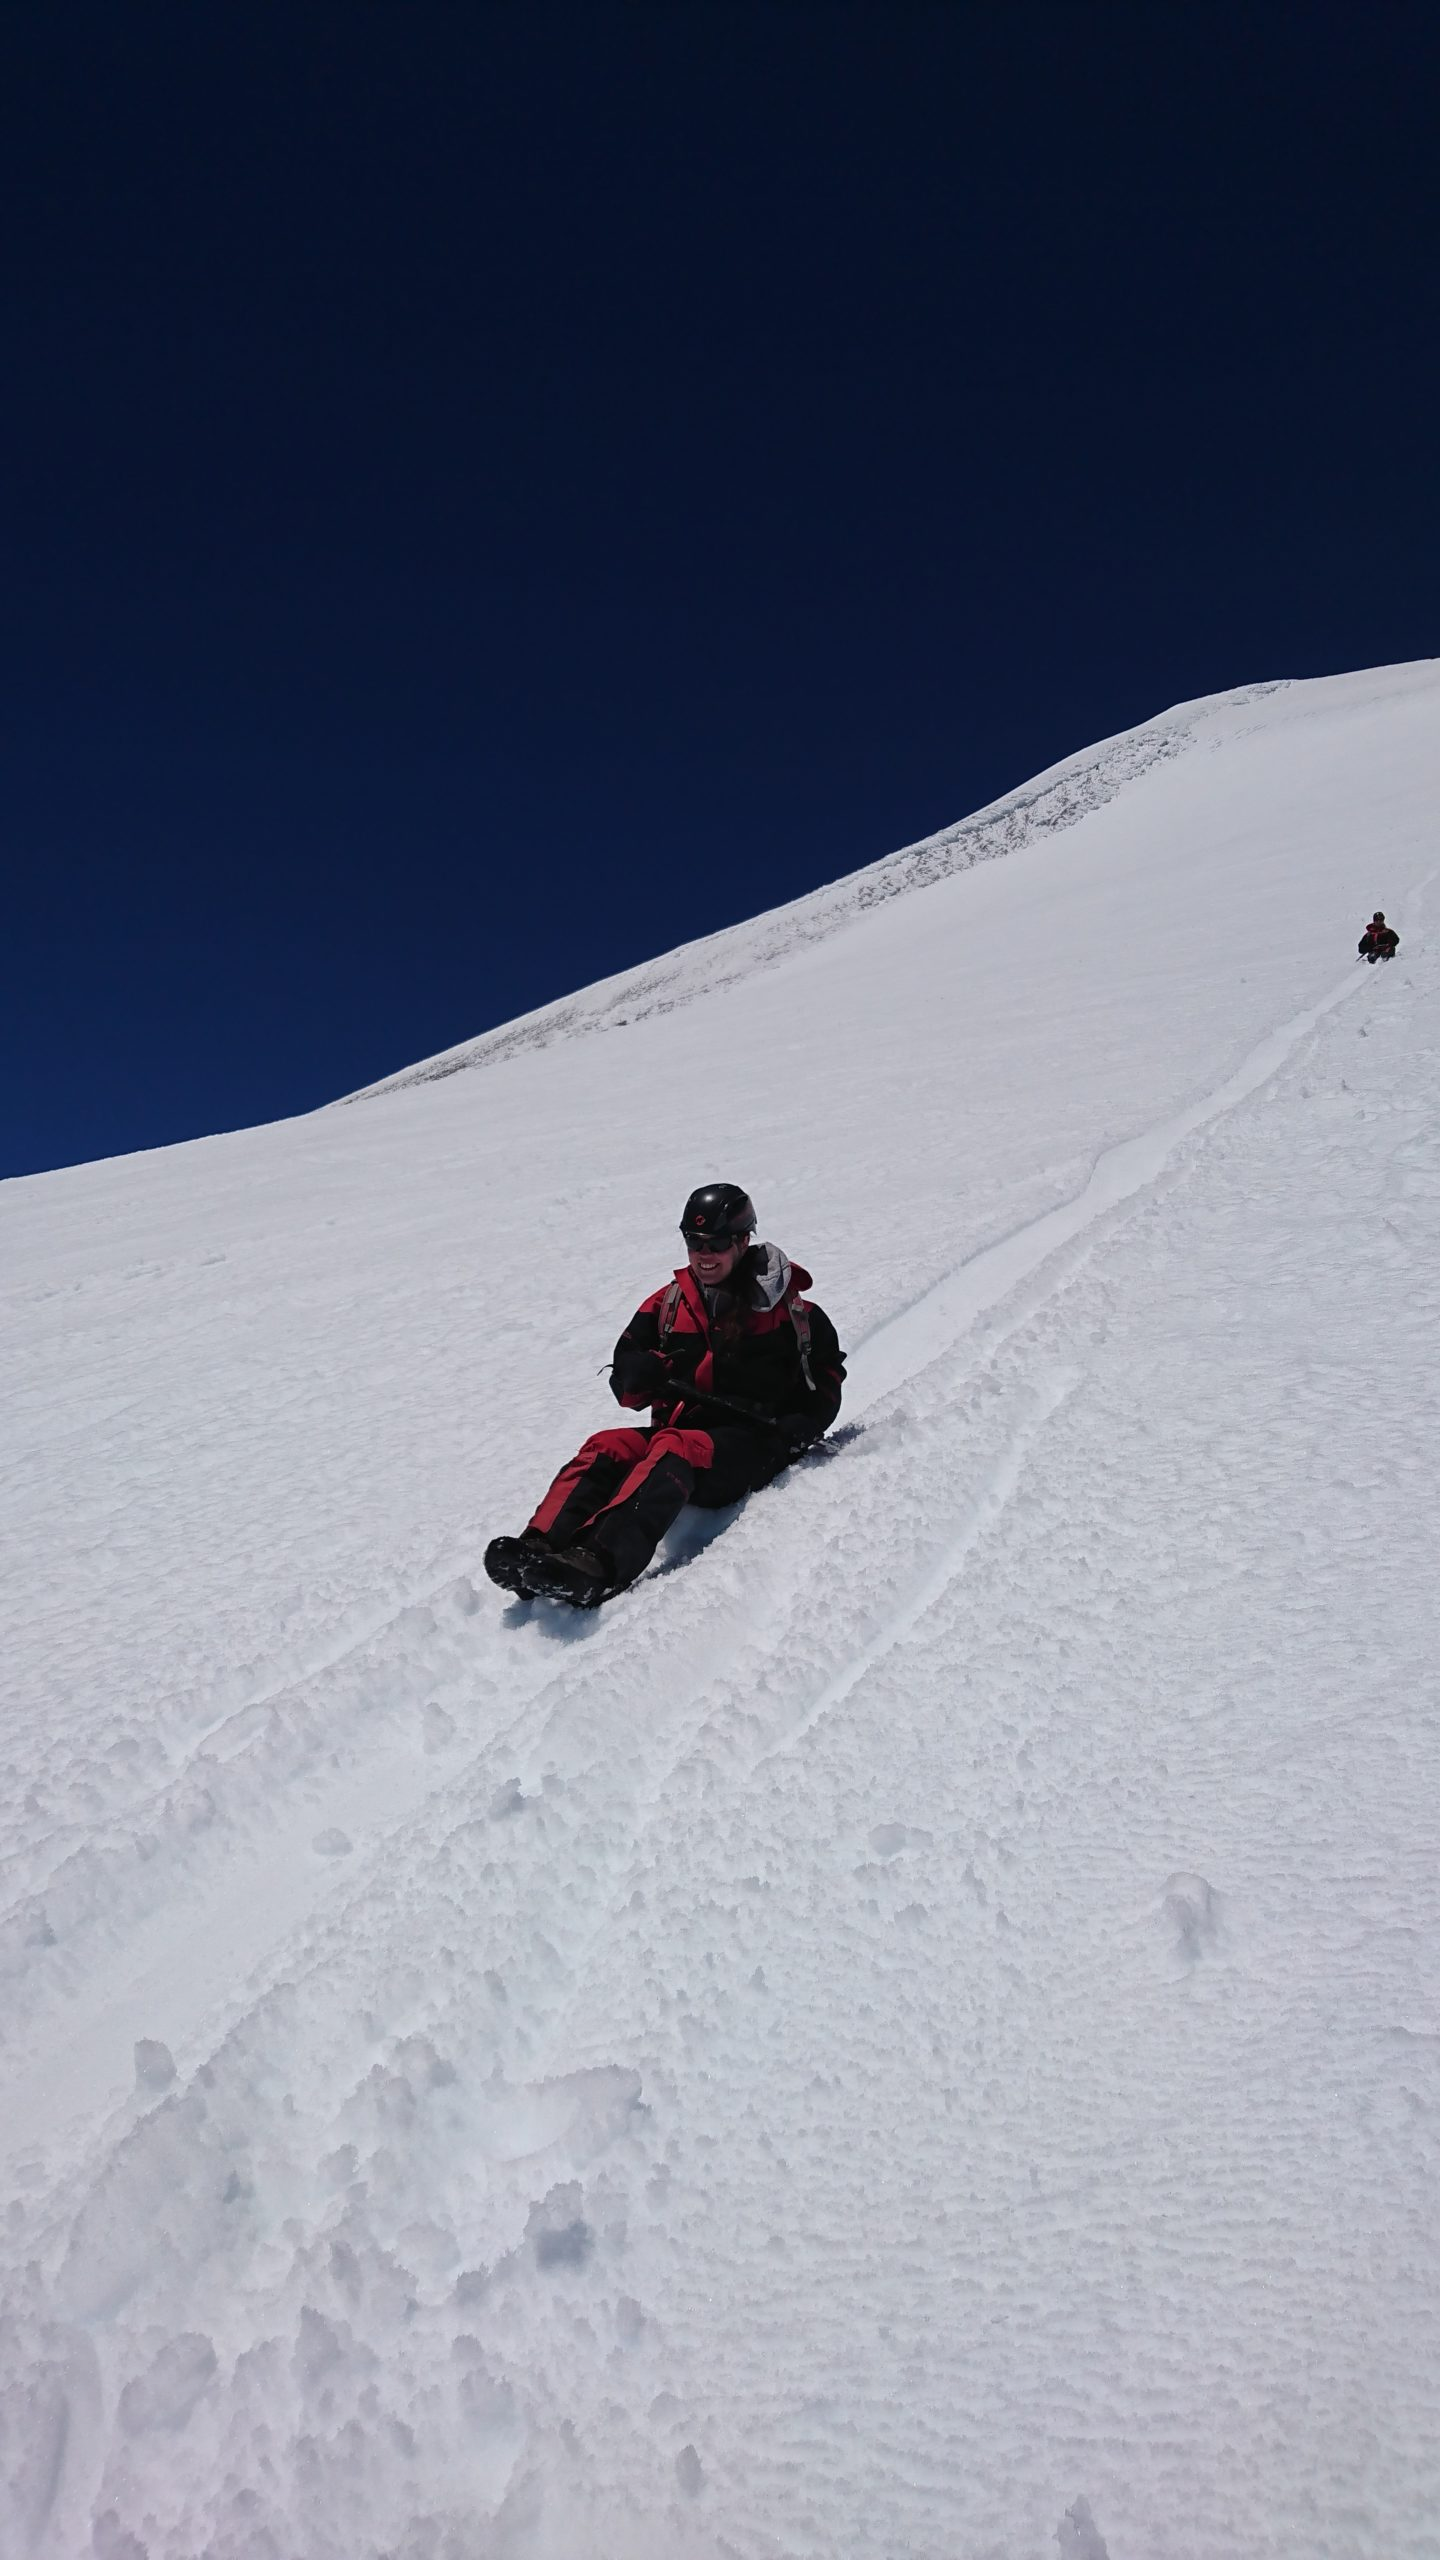 Persona deslizando sentada en la nieve